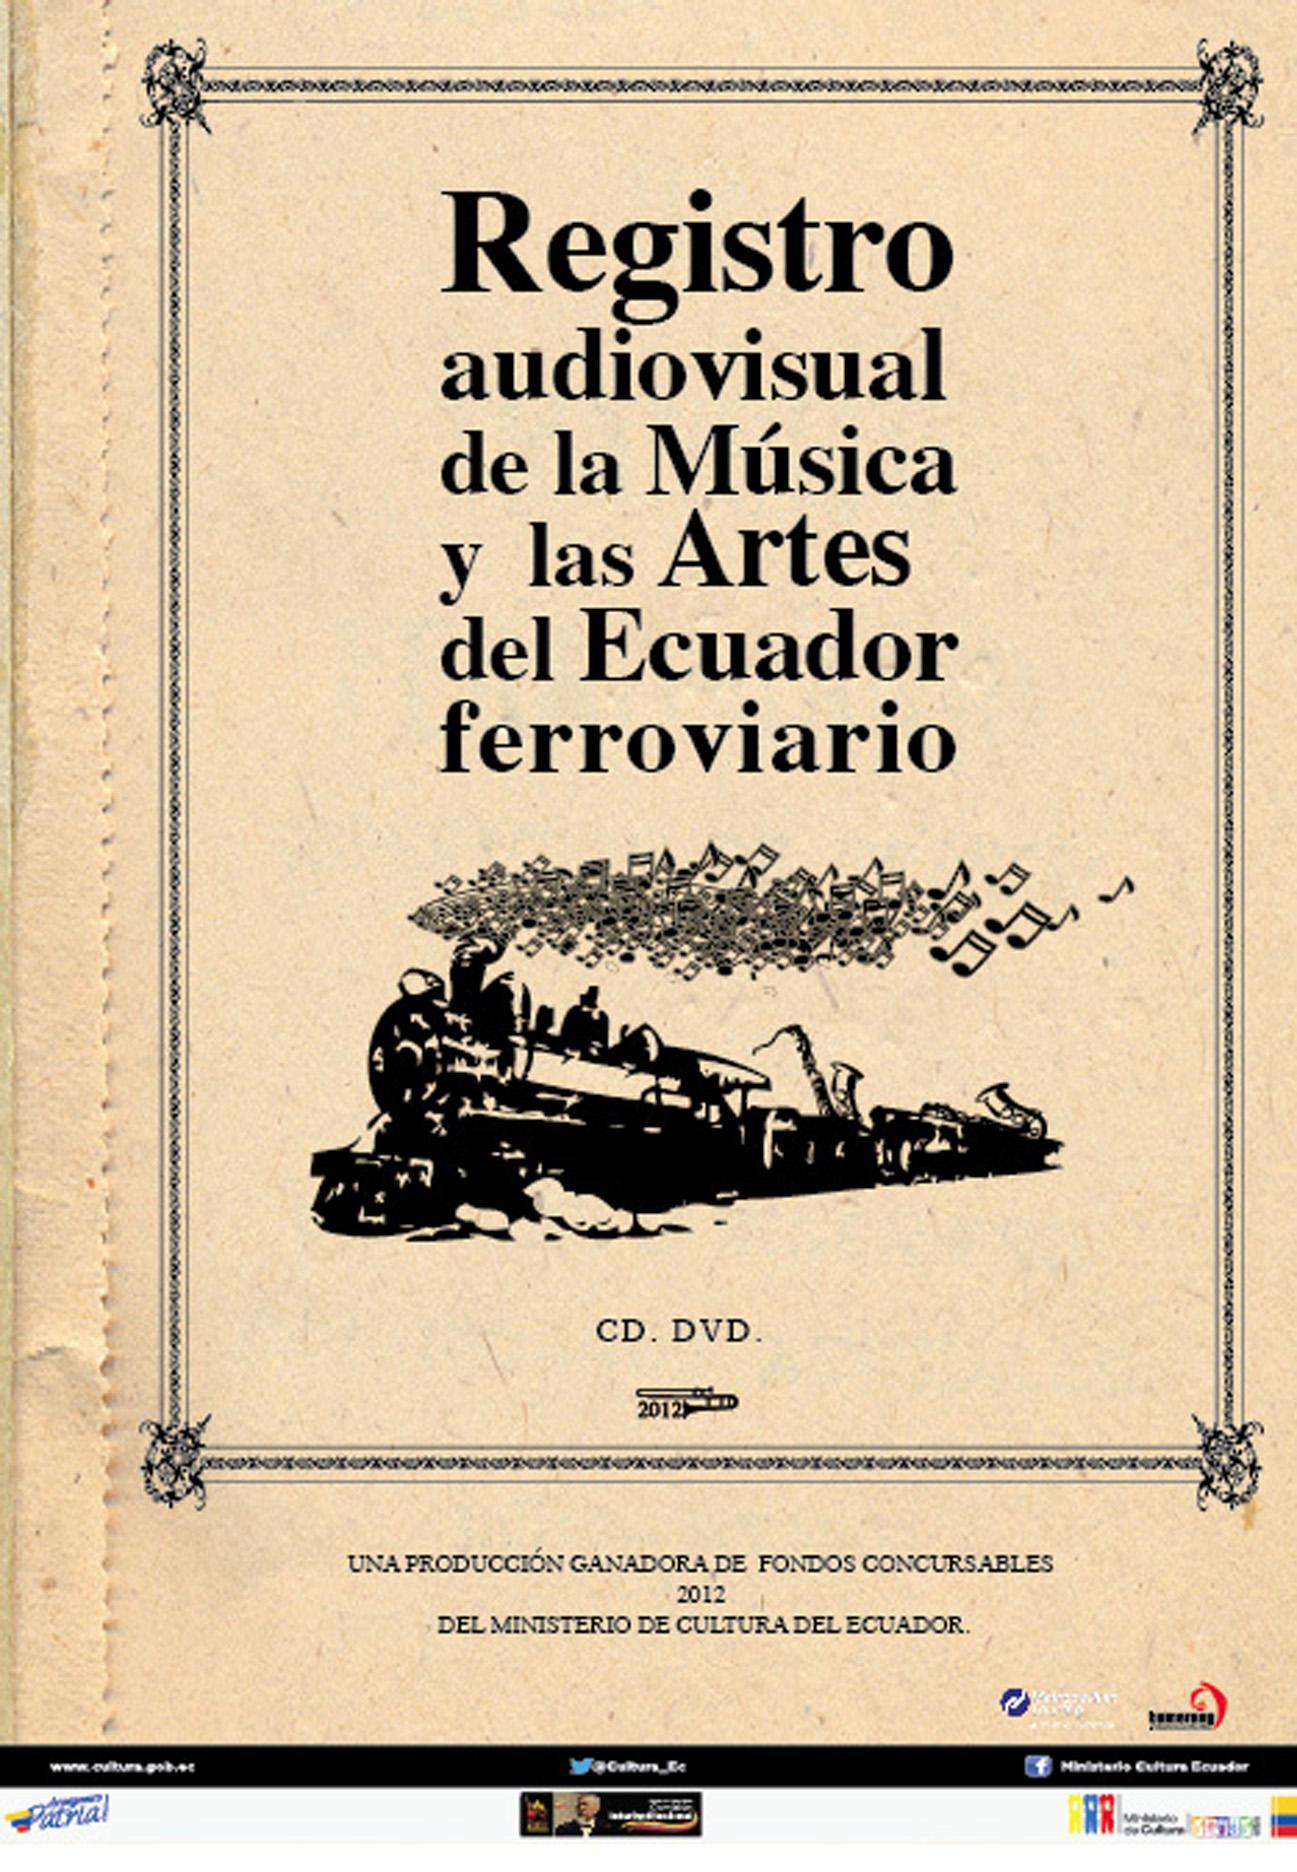 REGISTRO AUDIOVISUAL DE LA MÚSICA Y LAS ARTES DEL ECUADOR FERROVIARIO